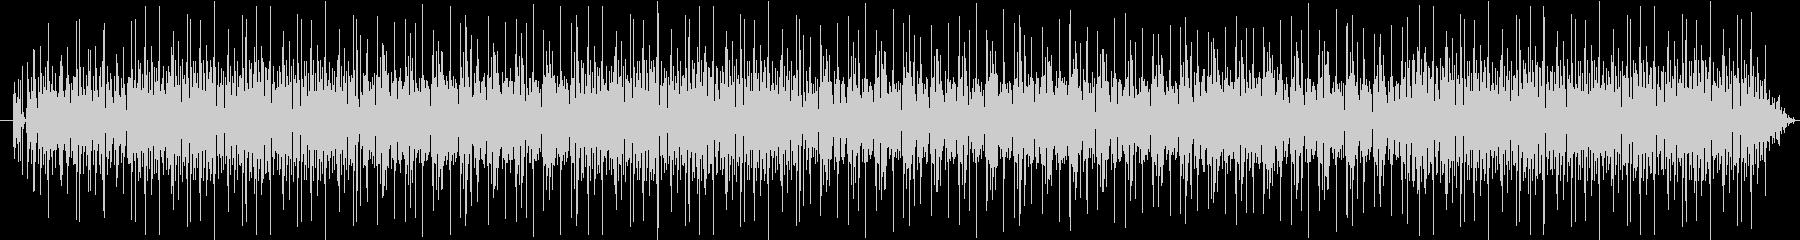 ゆったりとしたラフなレゲエの未再生の波形